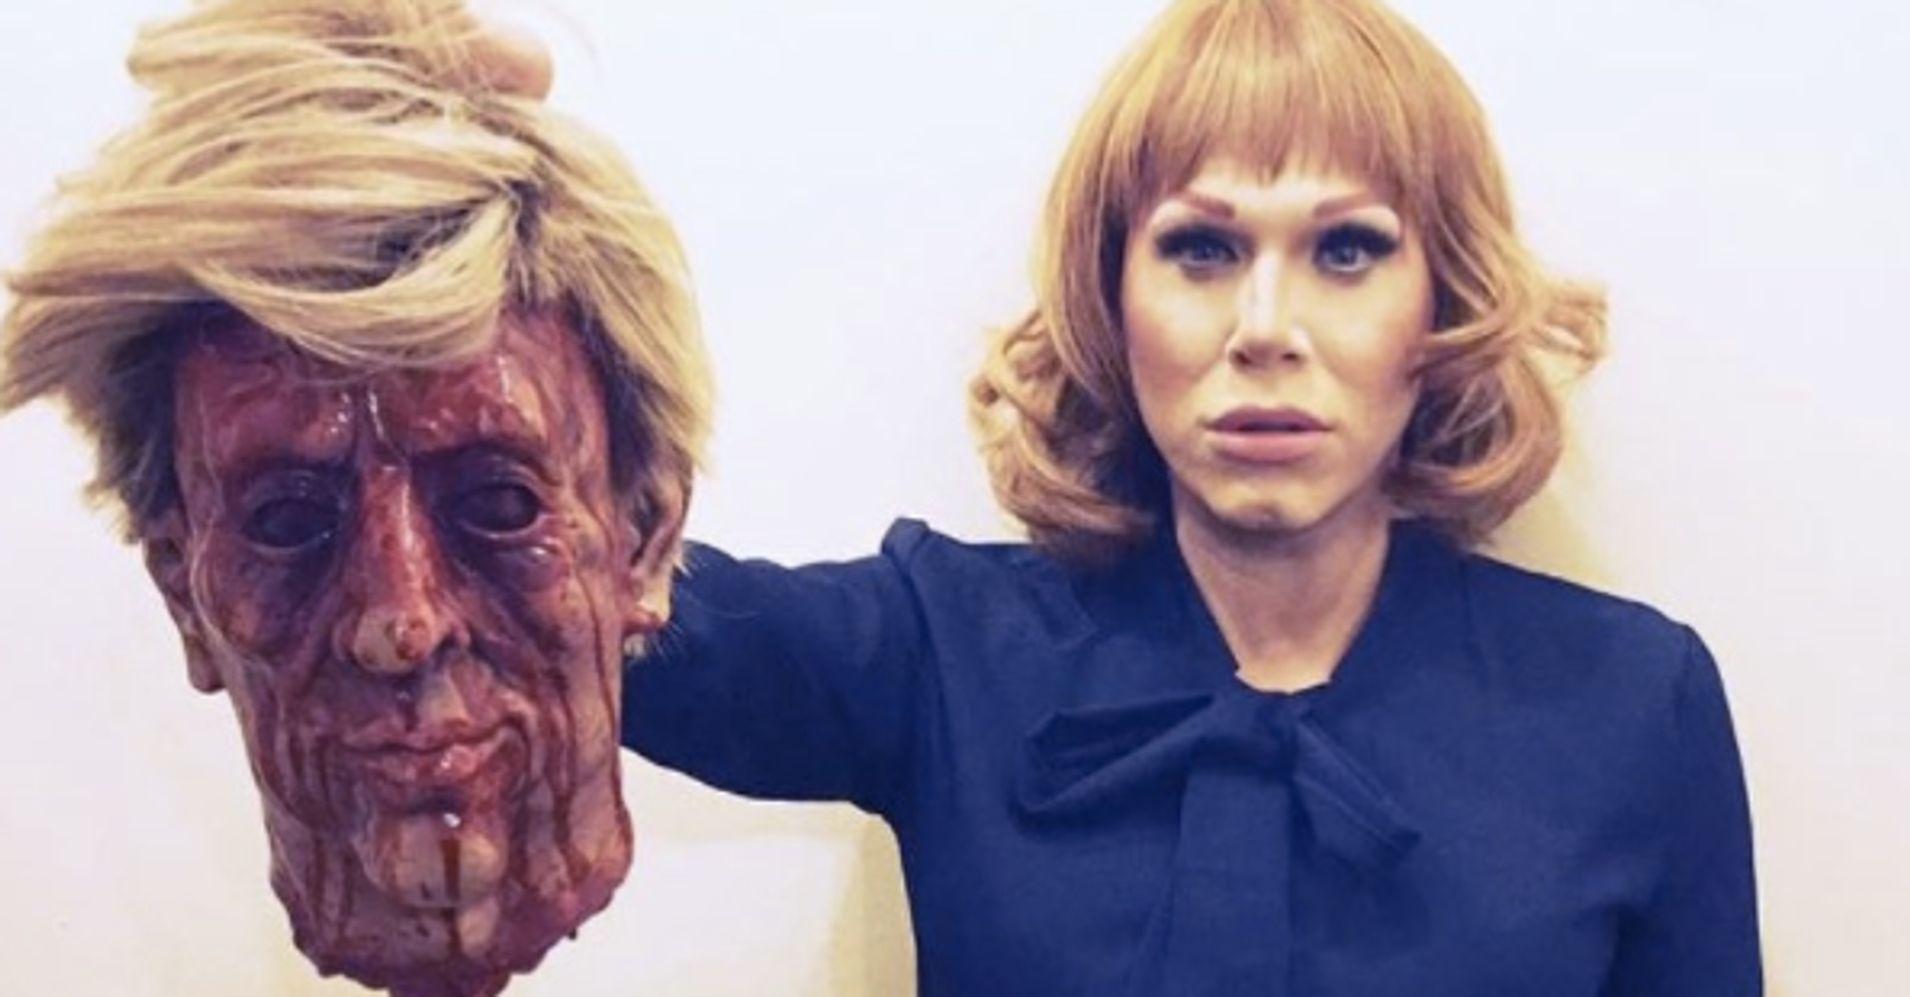 Drag Queen Sharon Needles Recreates Kathy Griffin's Controversial Trump Photo